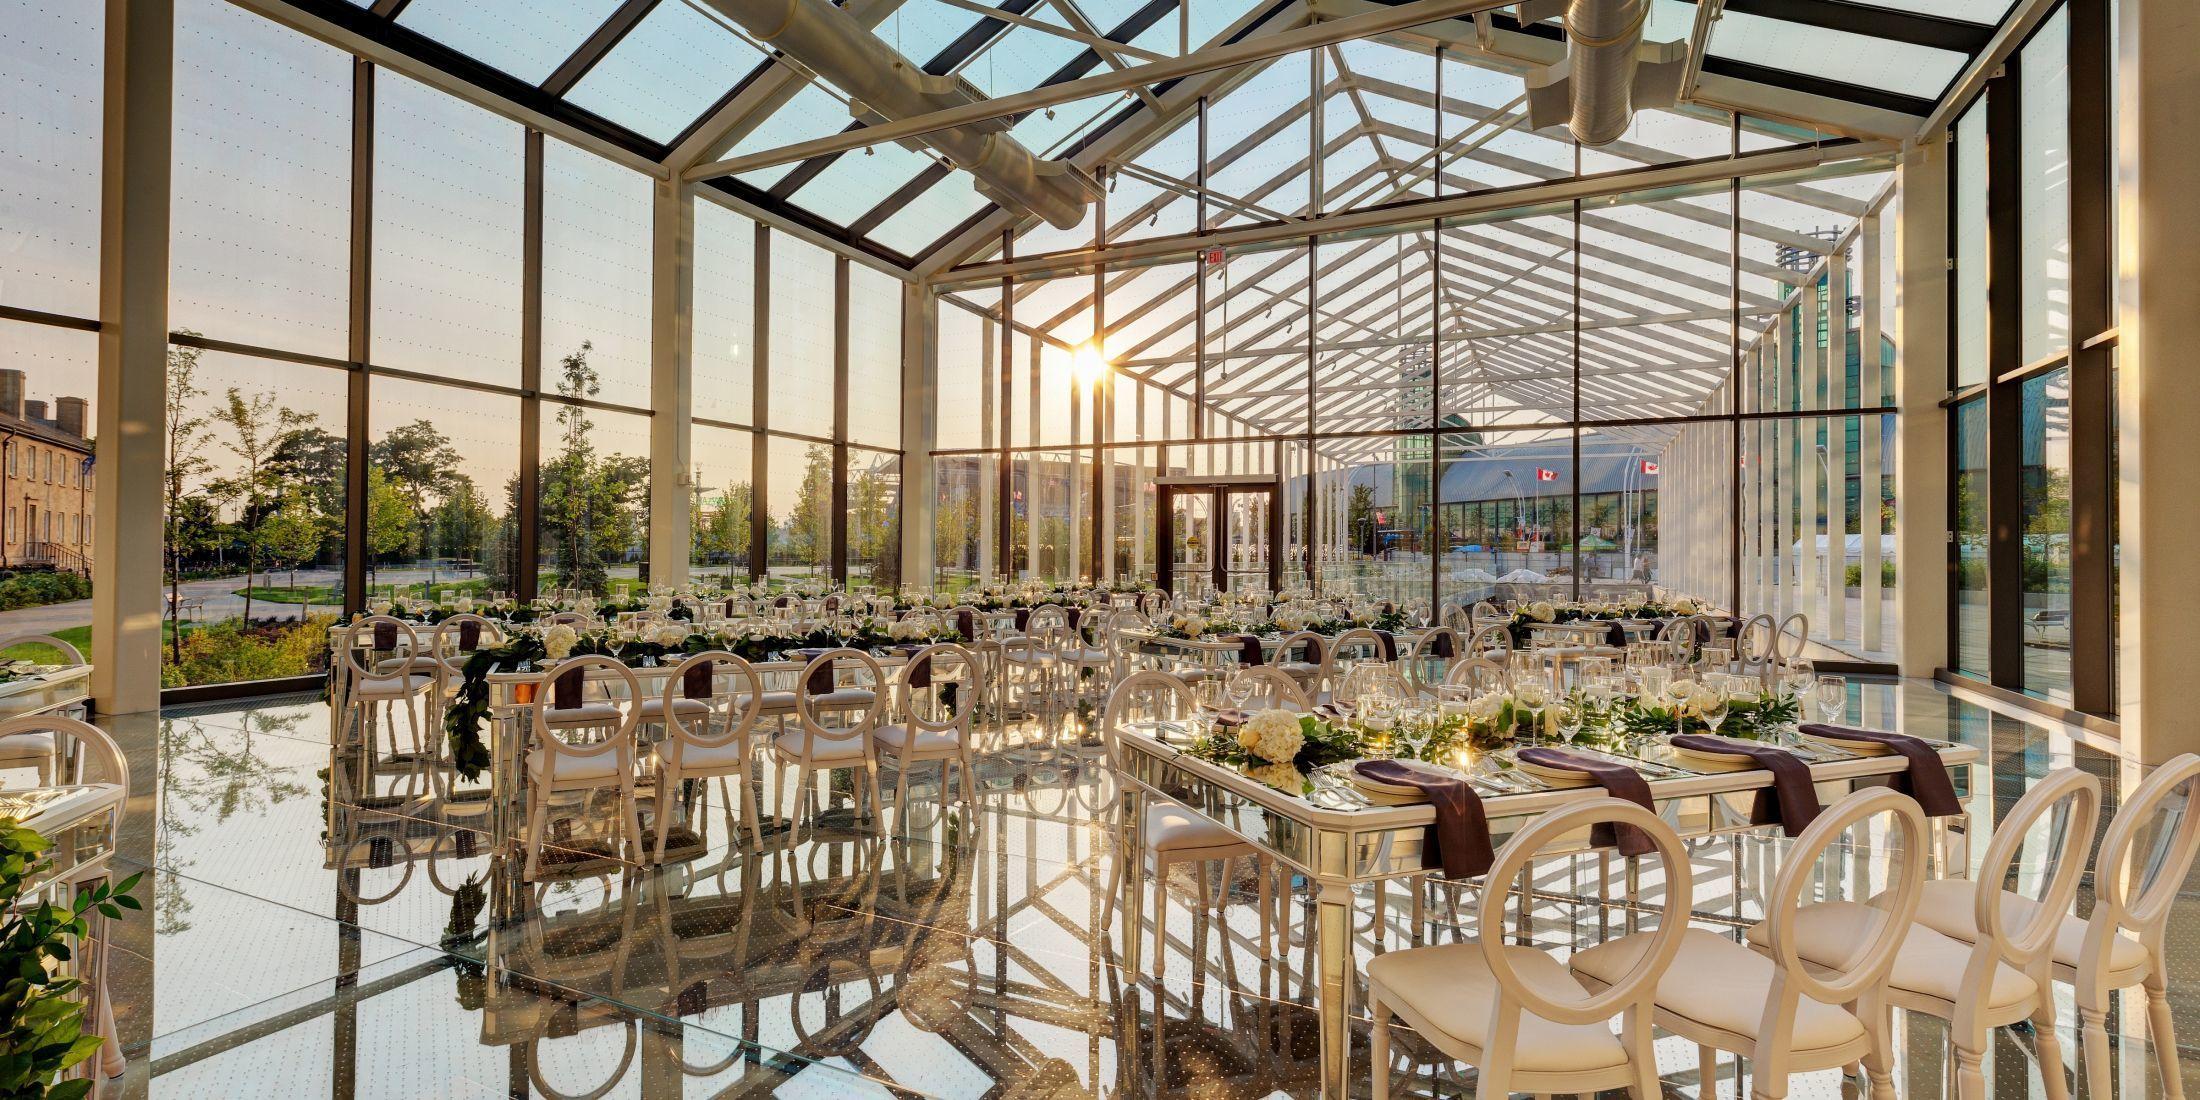 Hotel Wedding Venue in Toronto